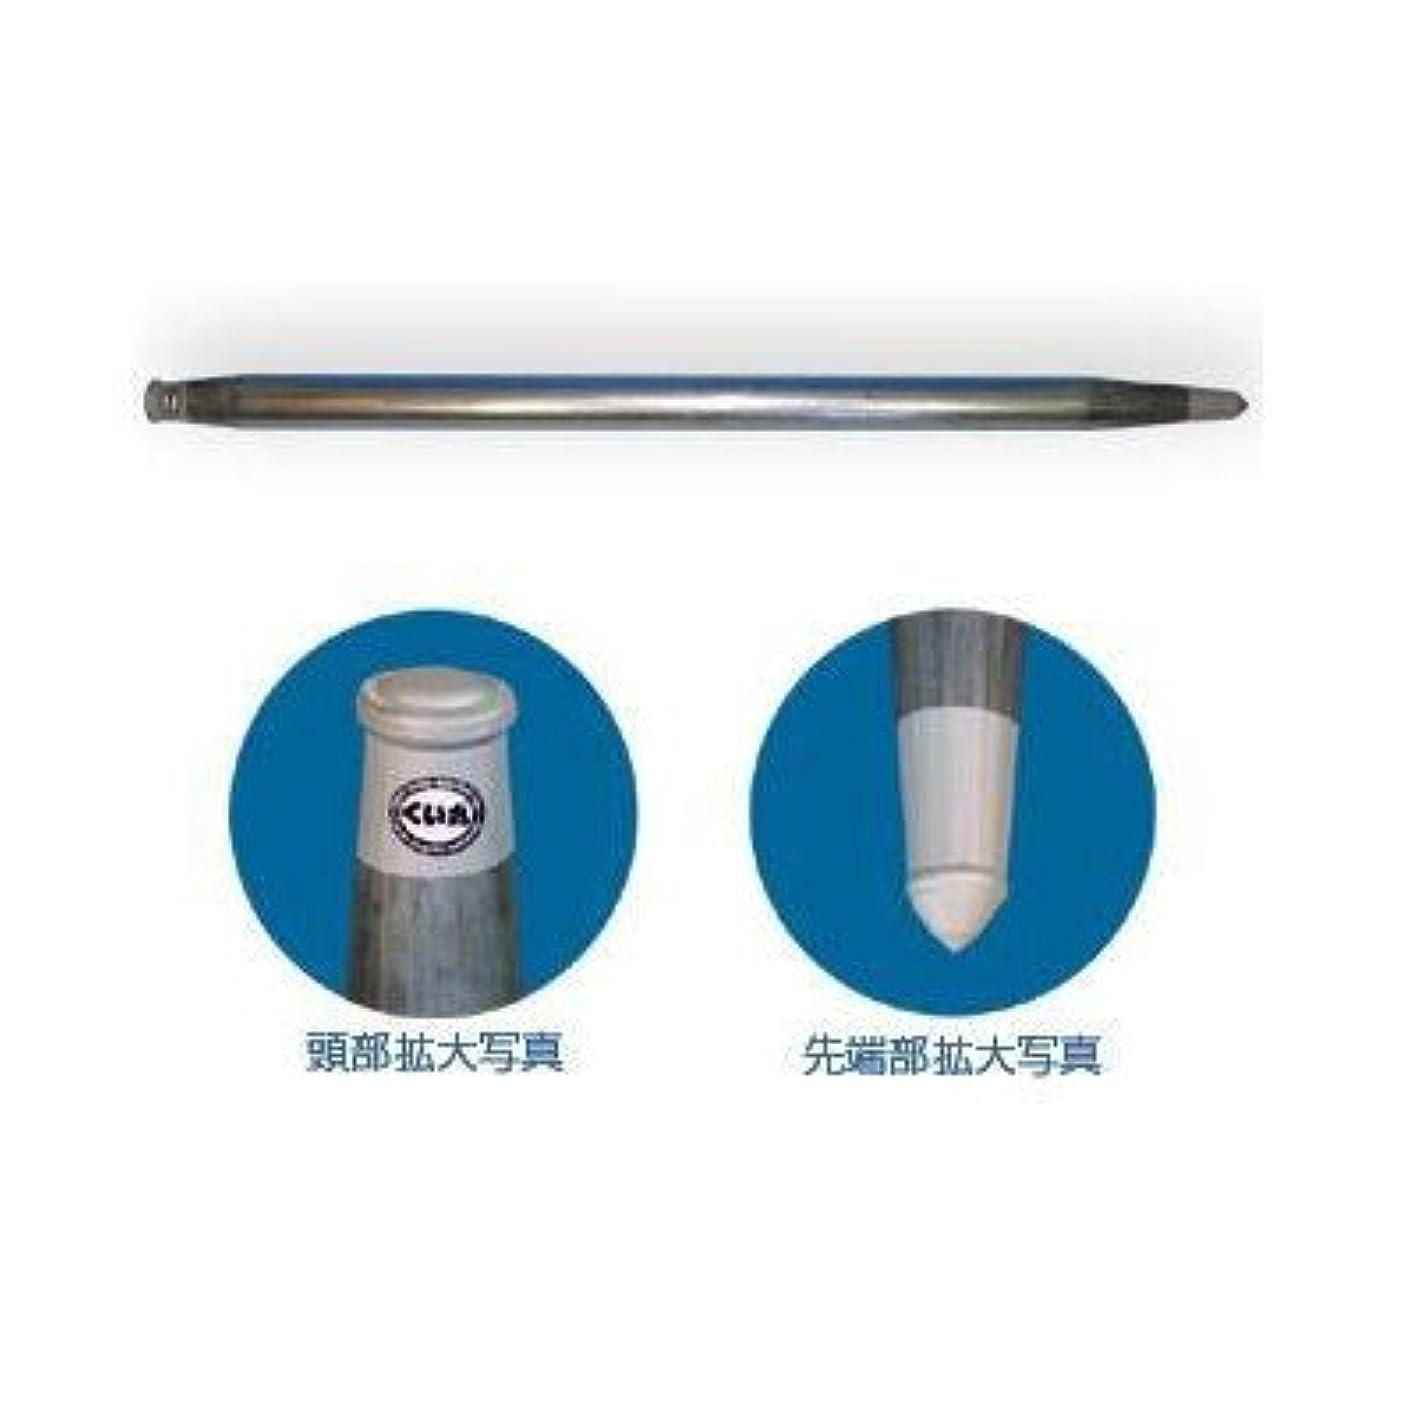 プロテスタント物理的な干し草君岡鉄鋼 単管杭 くい丸 打ちこみ専用鋼管材 直径48.6mm 長さ 1500mm